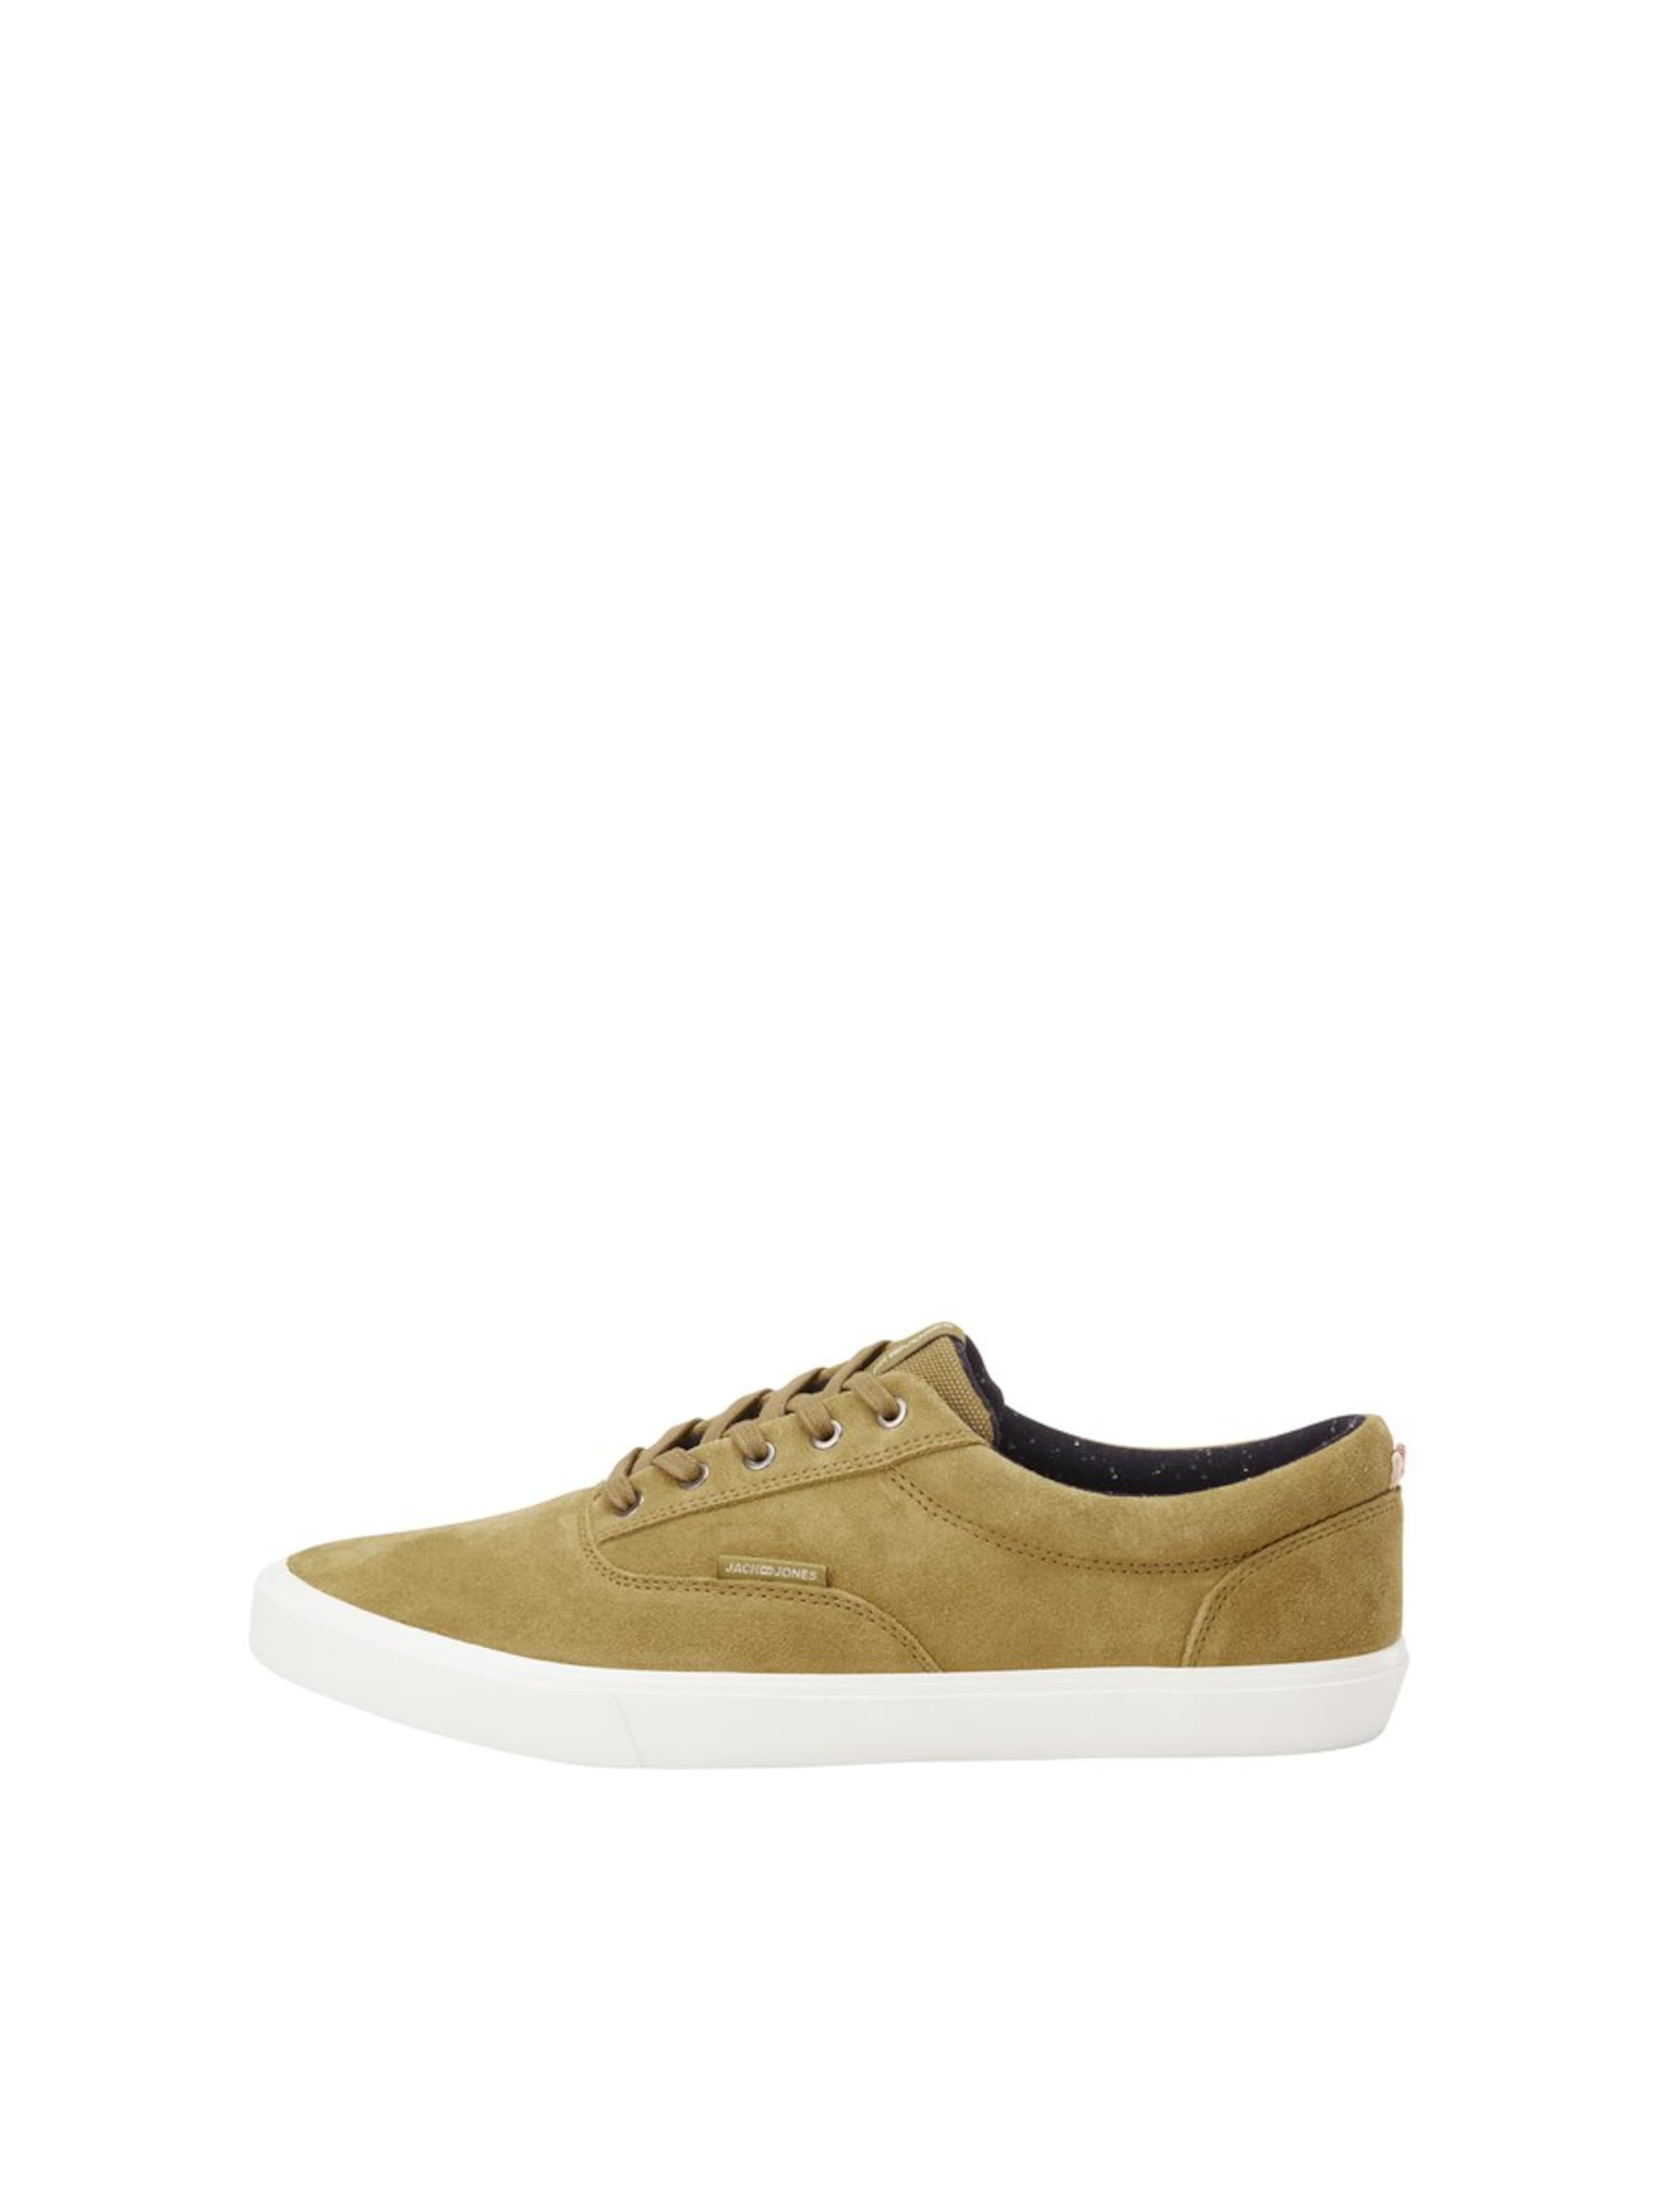 In Sneakers Jackamp; Jones Laag BrokaatWit l1JcTFKu3